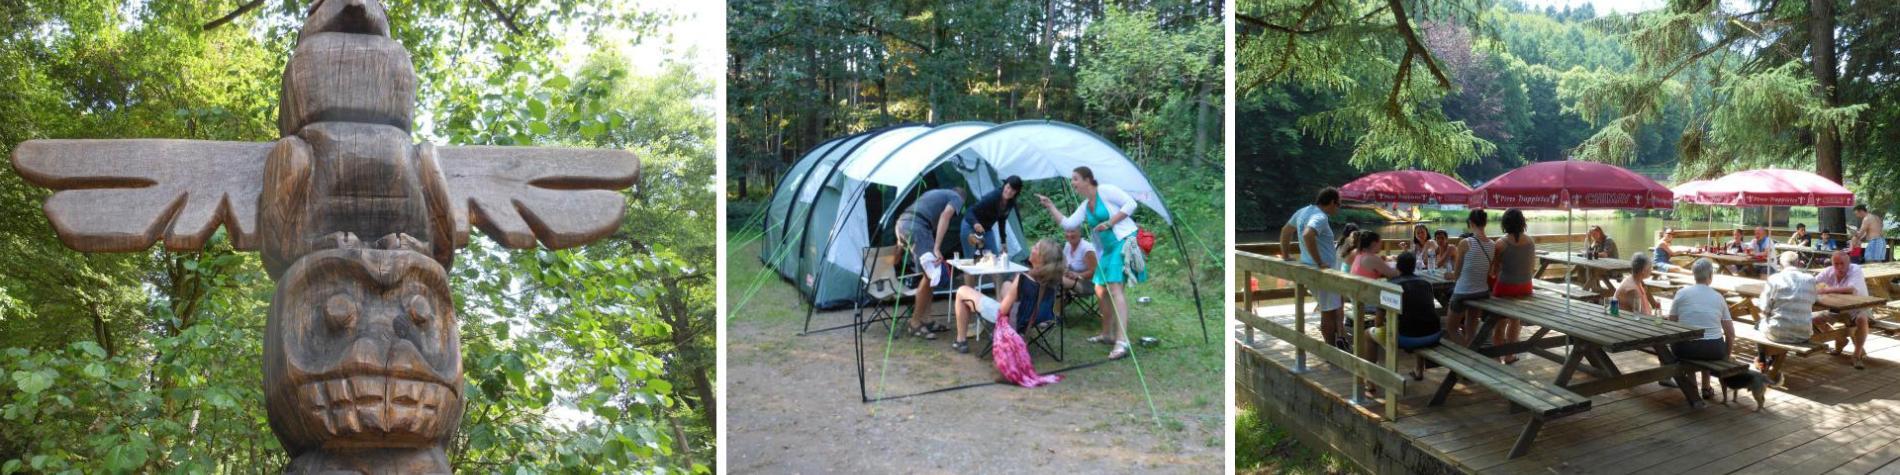 Camping Le Canada, Chiny-sur-Semois - vallée de la Semois - forêt - promeneurs - descente en kayak - famille